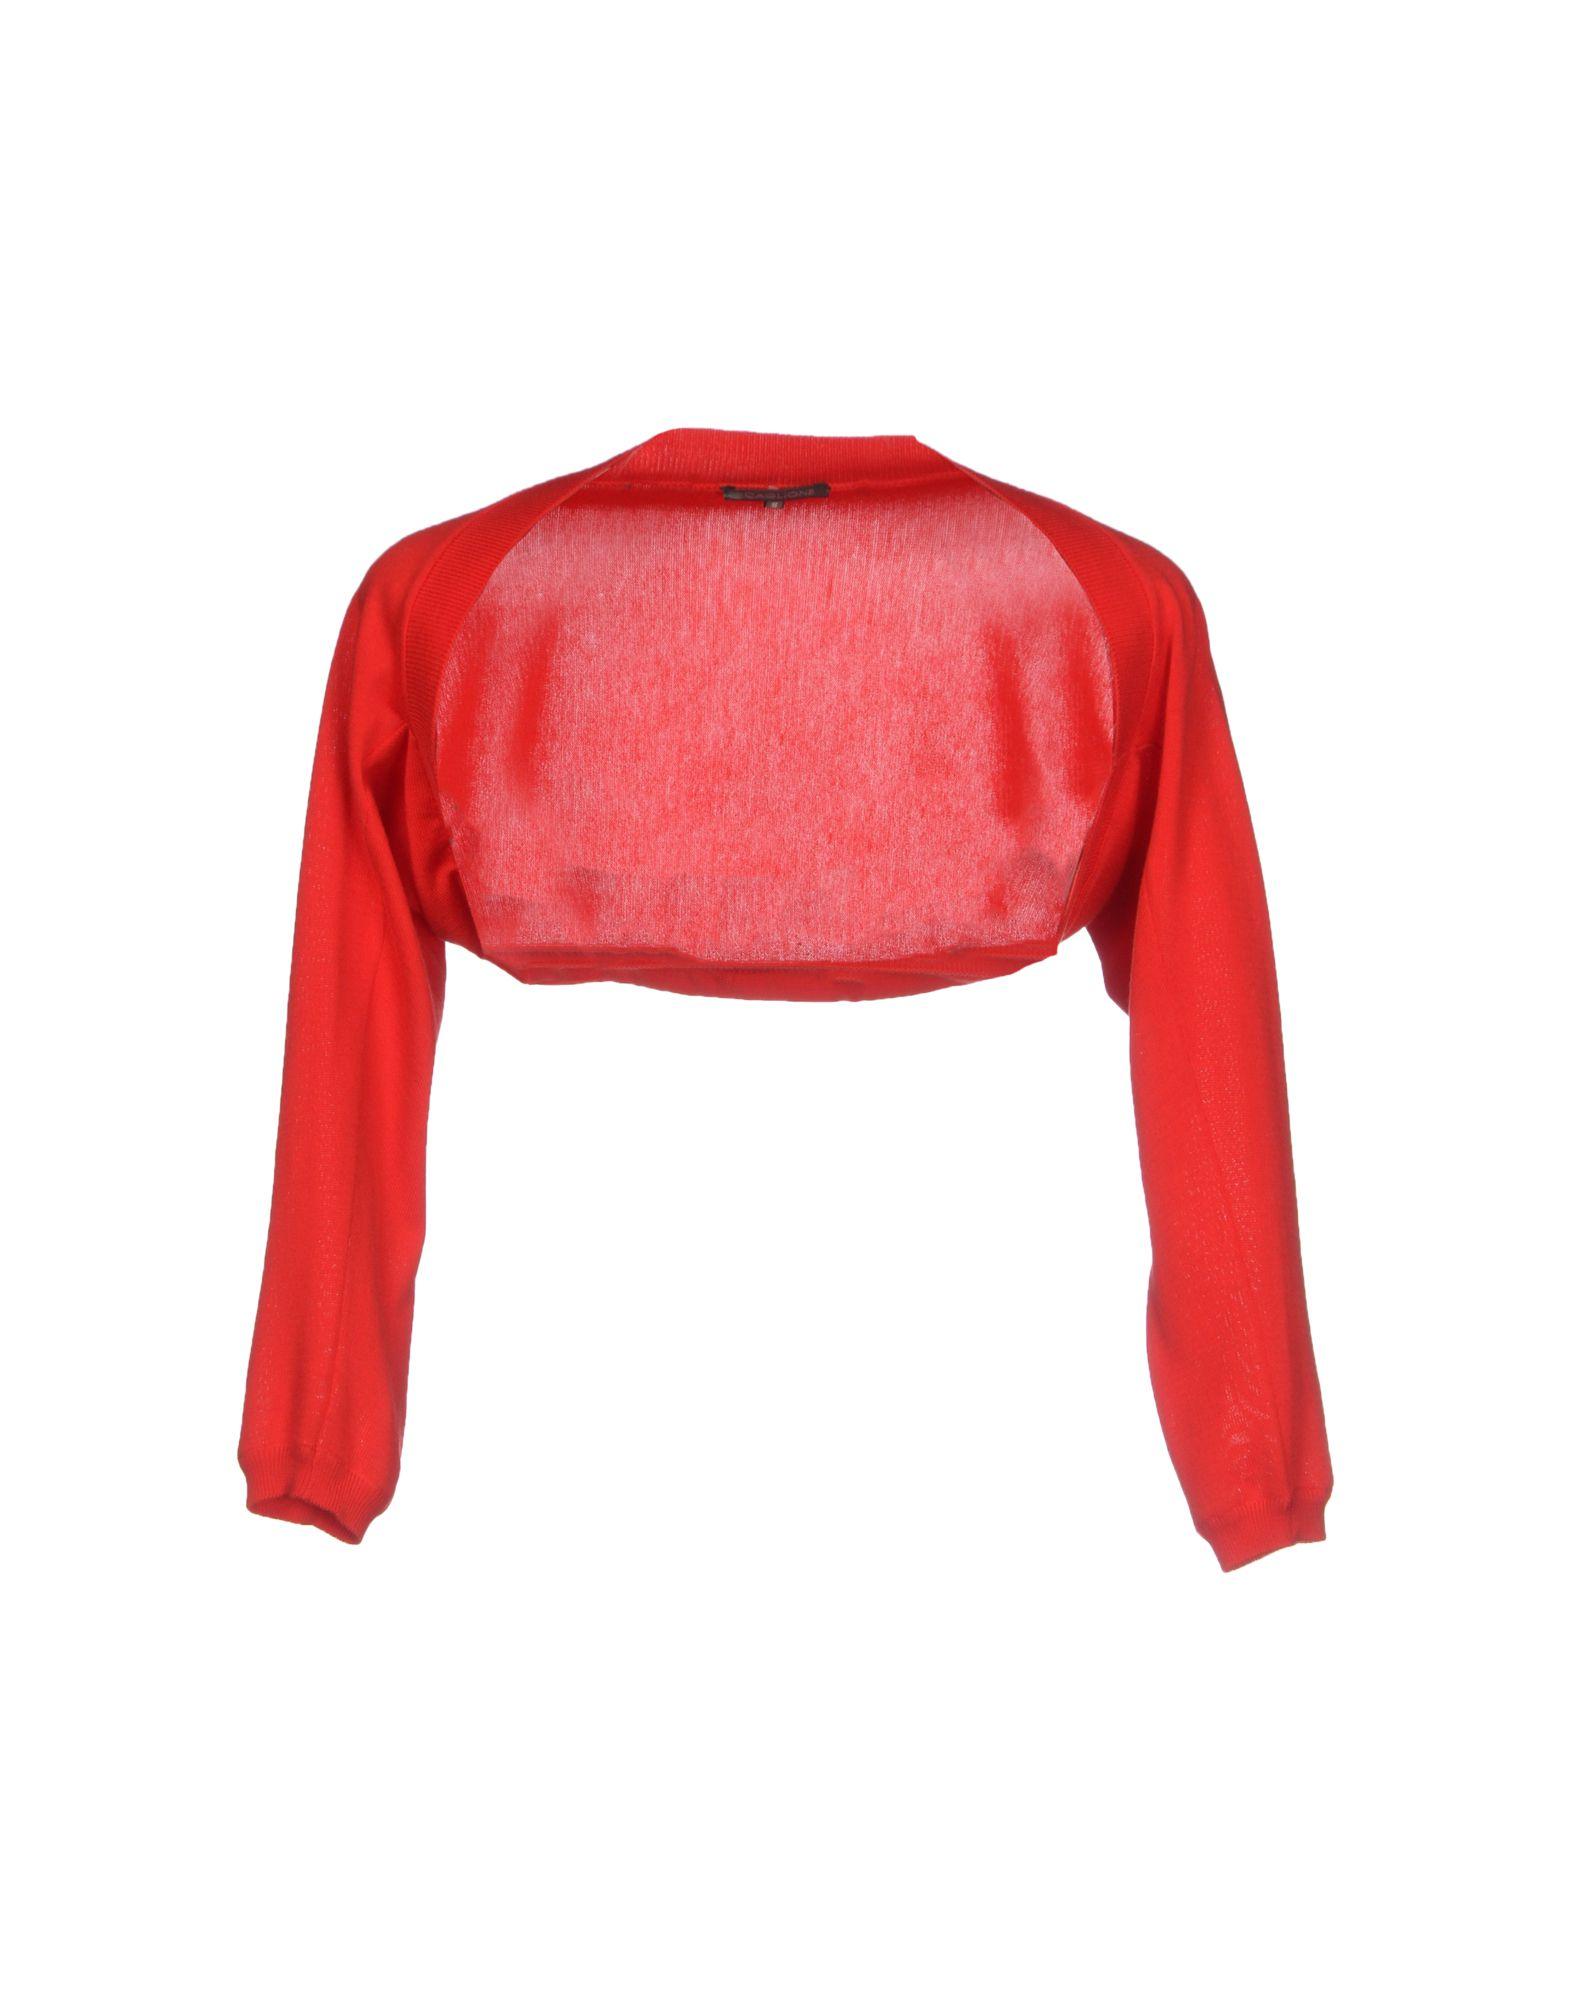 SCAGLIONE Damen Bolero Farbe Rot Größe 4